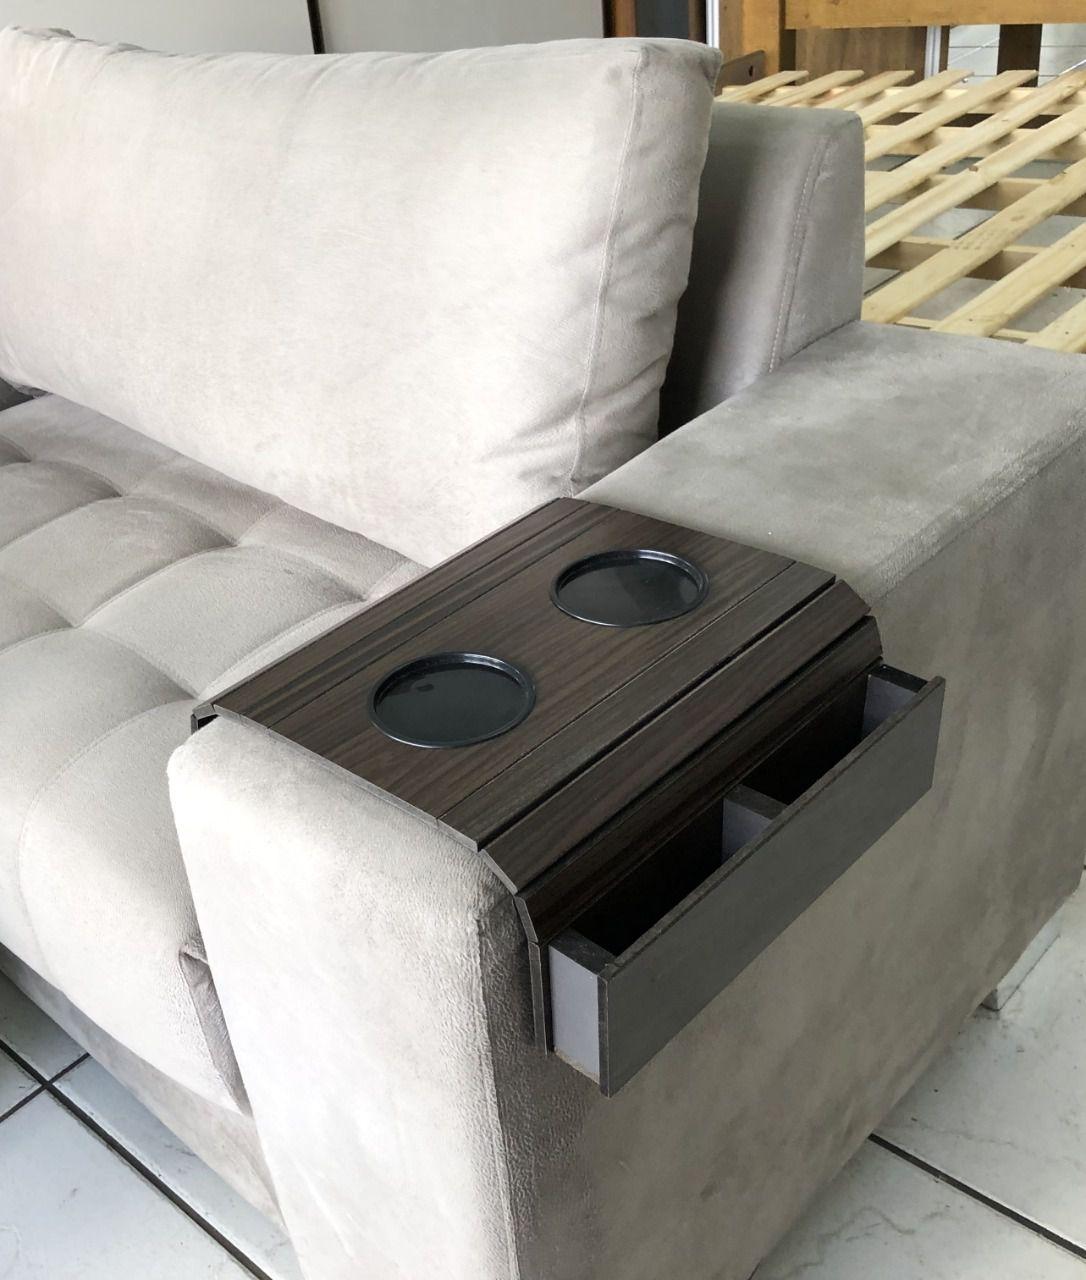 COPY-22-Kit Suporte Porta Copos E Controle Para Braço Sofá DM Interiores